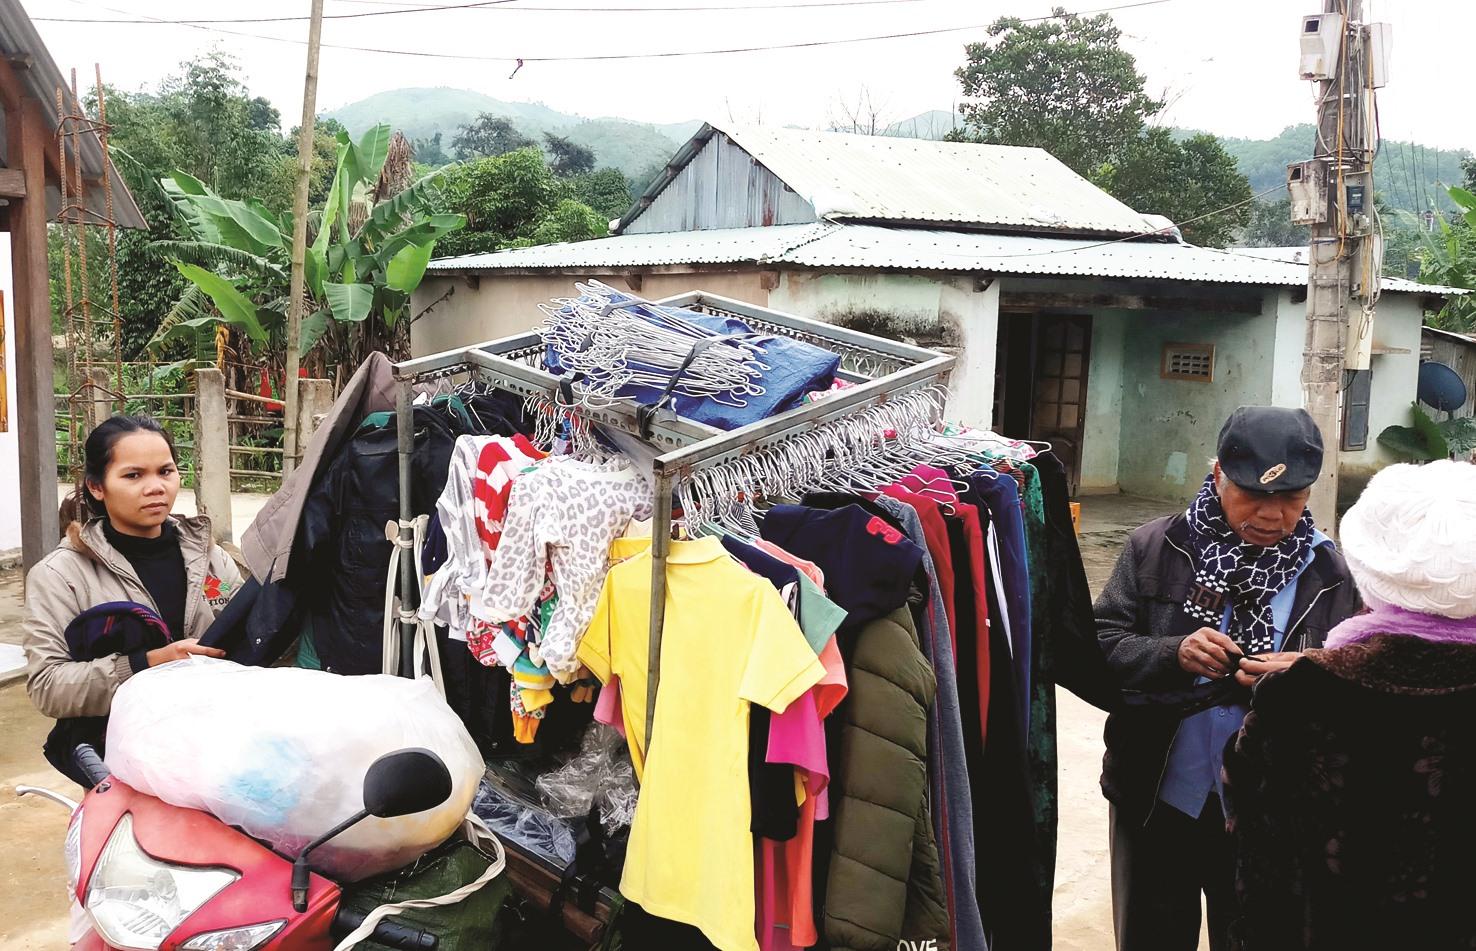 """Đồng bào Cơ Tu ở thôn Bh'lô Bền (xã Sông Kôn, Đông Giang) chọn mua quần áo mới từ """"chợ di động""""."""